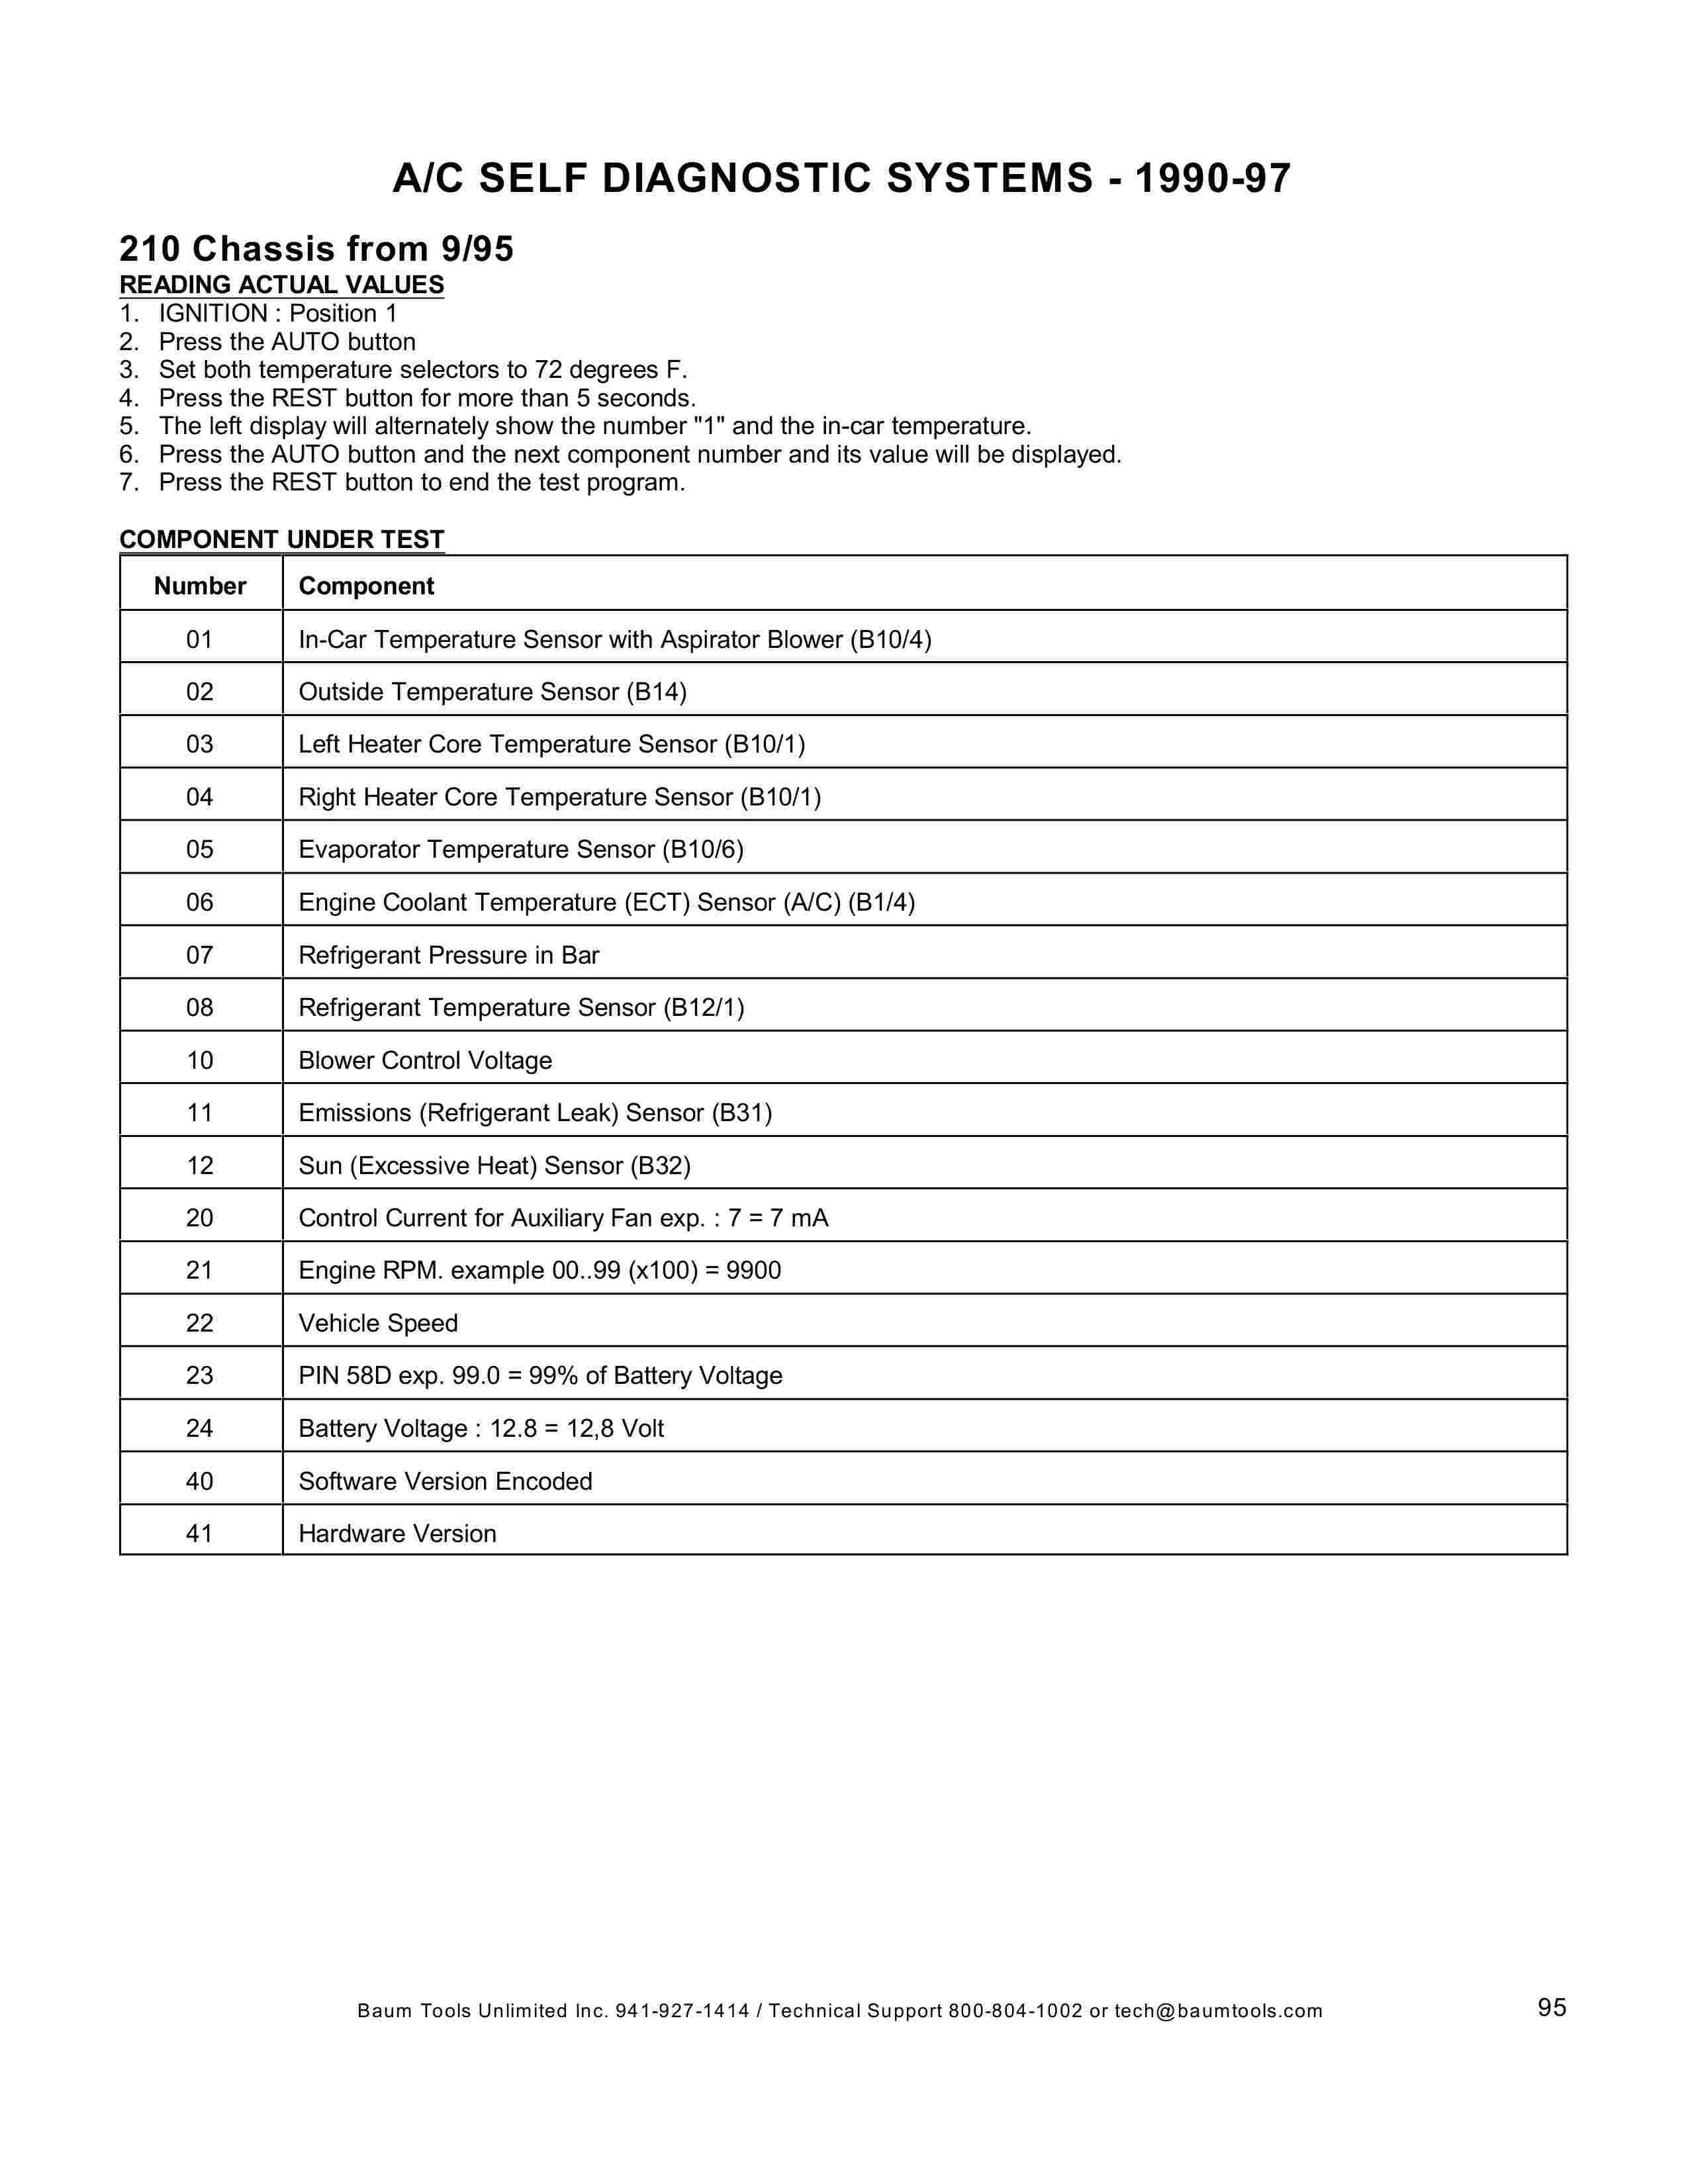 (AJUDA GERAL): Manual de códigos das falhas - analógico e digital - 1988 a 2000 009512